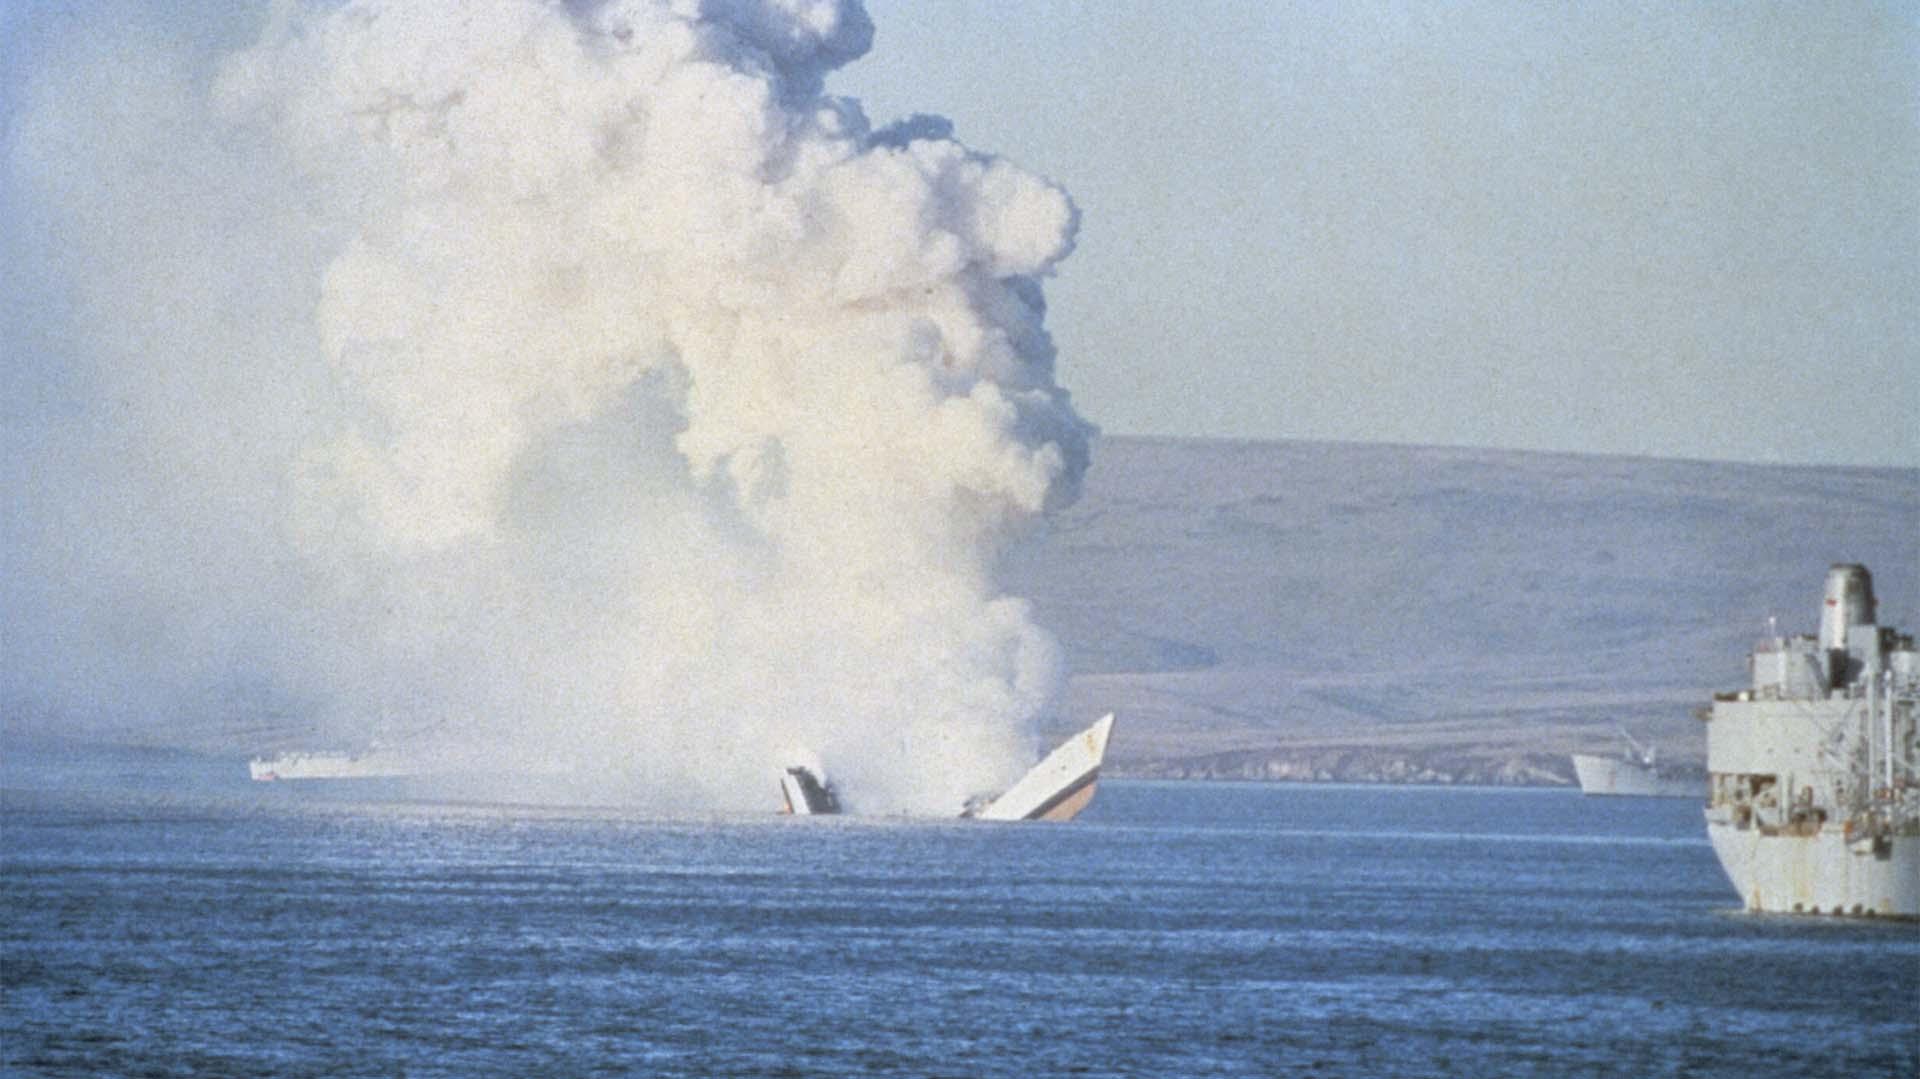 El hundimiento de la fragata HMS Antelope. Por la explosión el barco se parte al medio (Imperial War Museums)